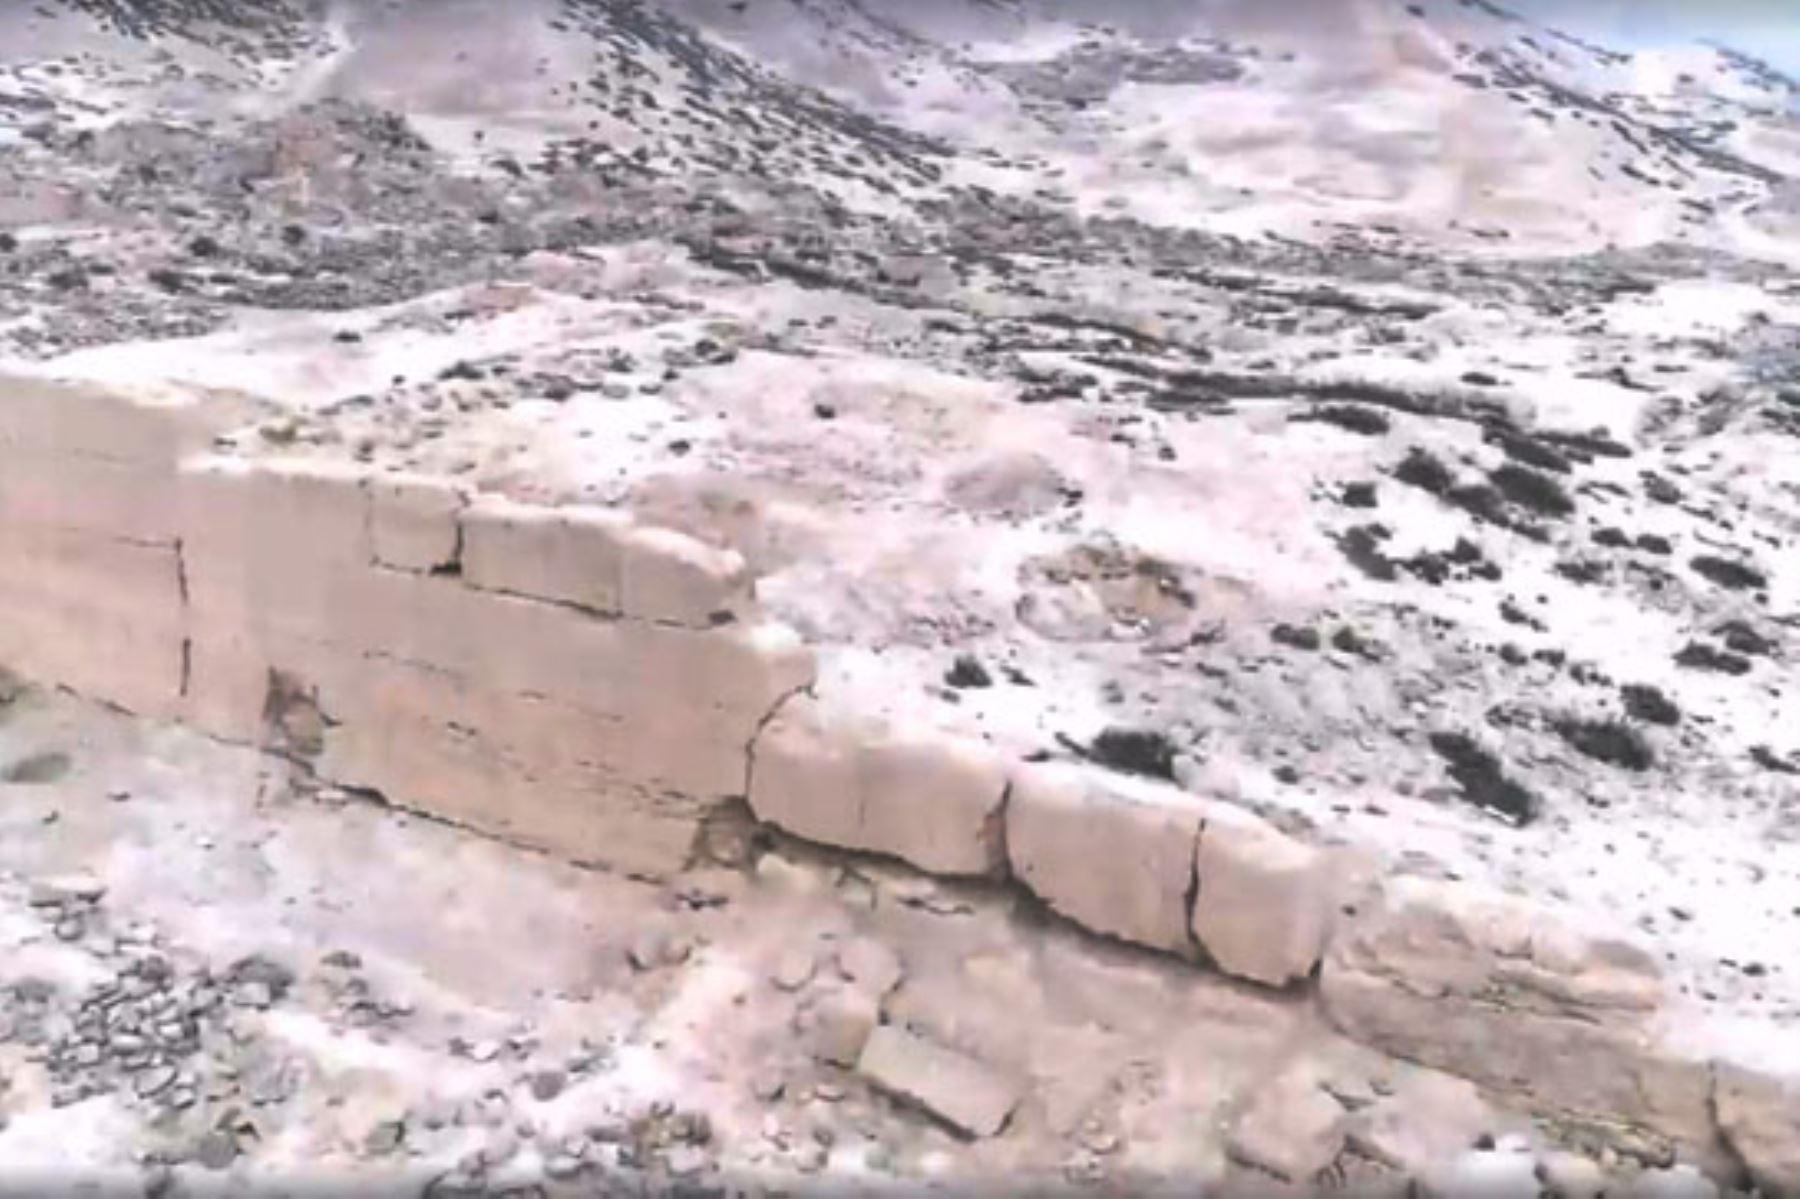 Zona Arqueológica Monumental Cuyo, en Aucallama, provincia limeña de Huaral. Foto: Ministerio de Cultura/Difusión